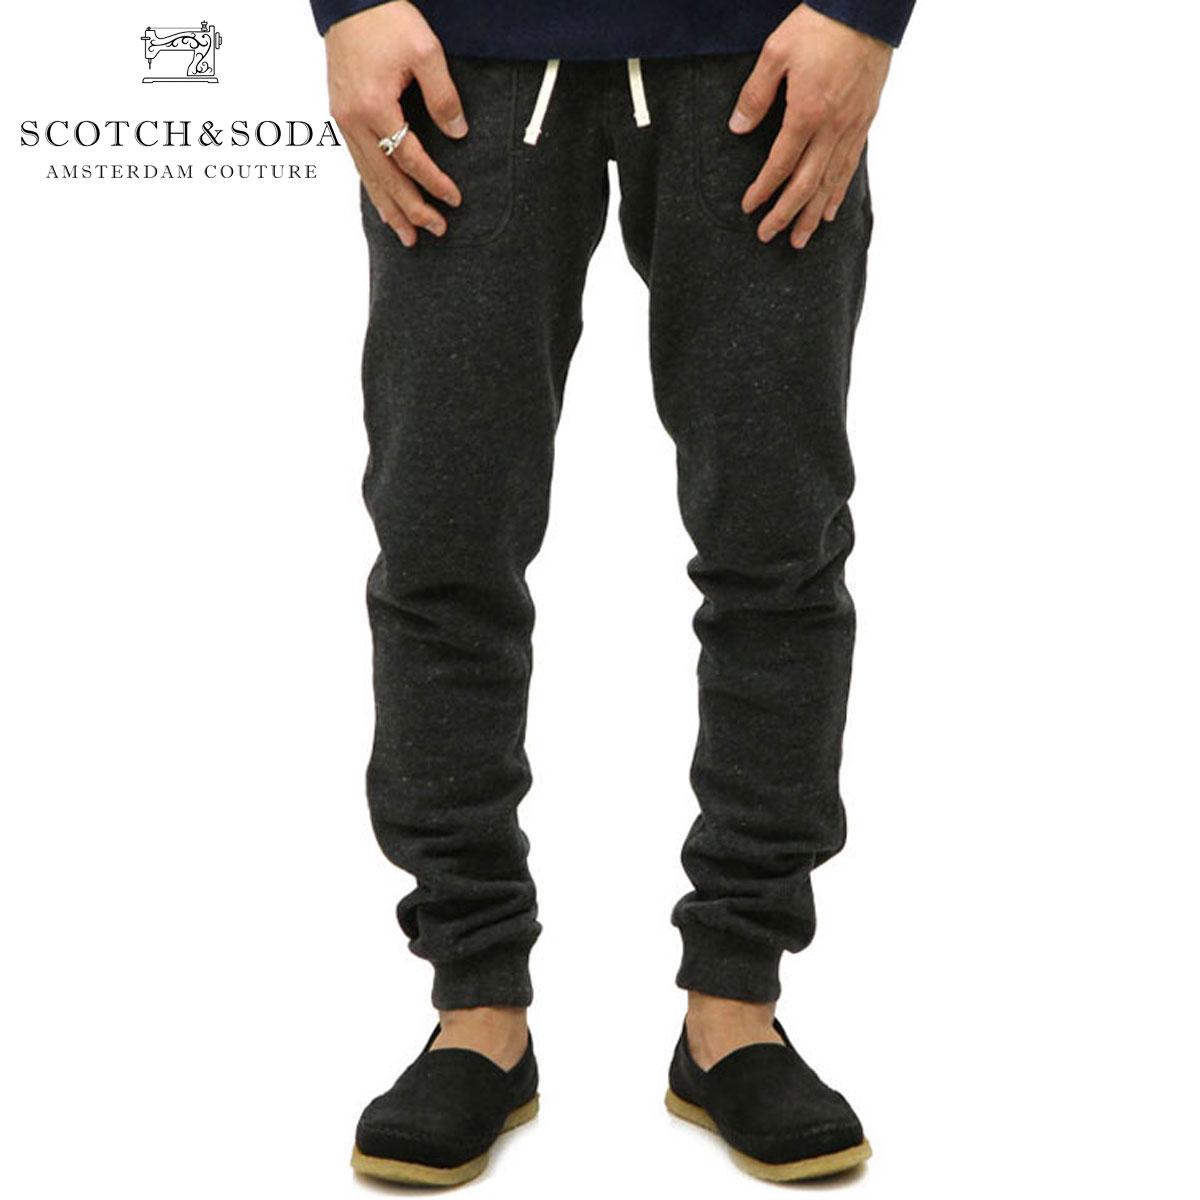 スコッチアンドソーダ SCOTCH&SODA 正規販売店 メンズ スウェットパンツ BASIC SWEAT PANTS HOME ALONE 134335 0O ANTRA M D00S15